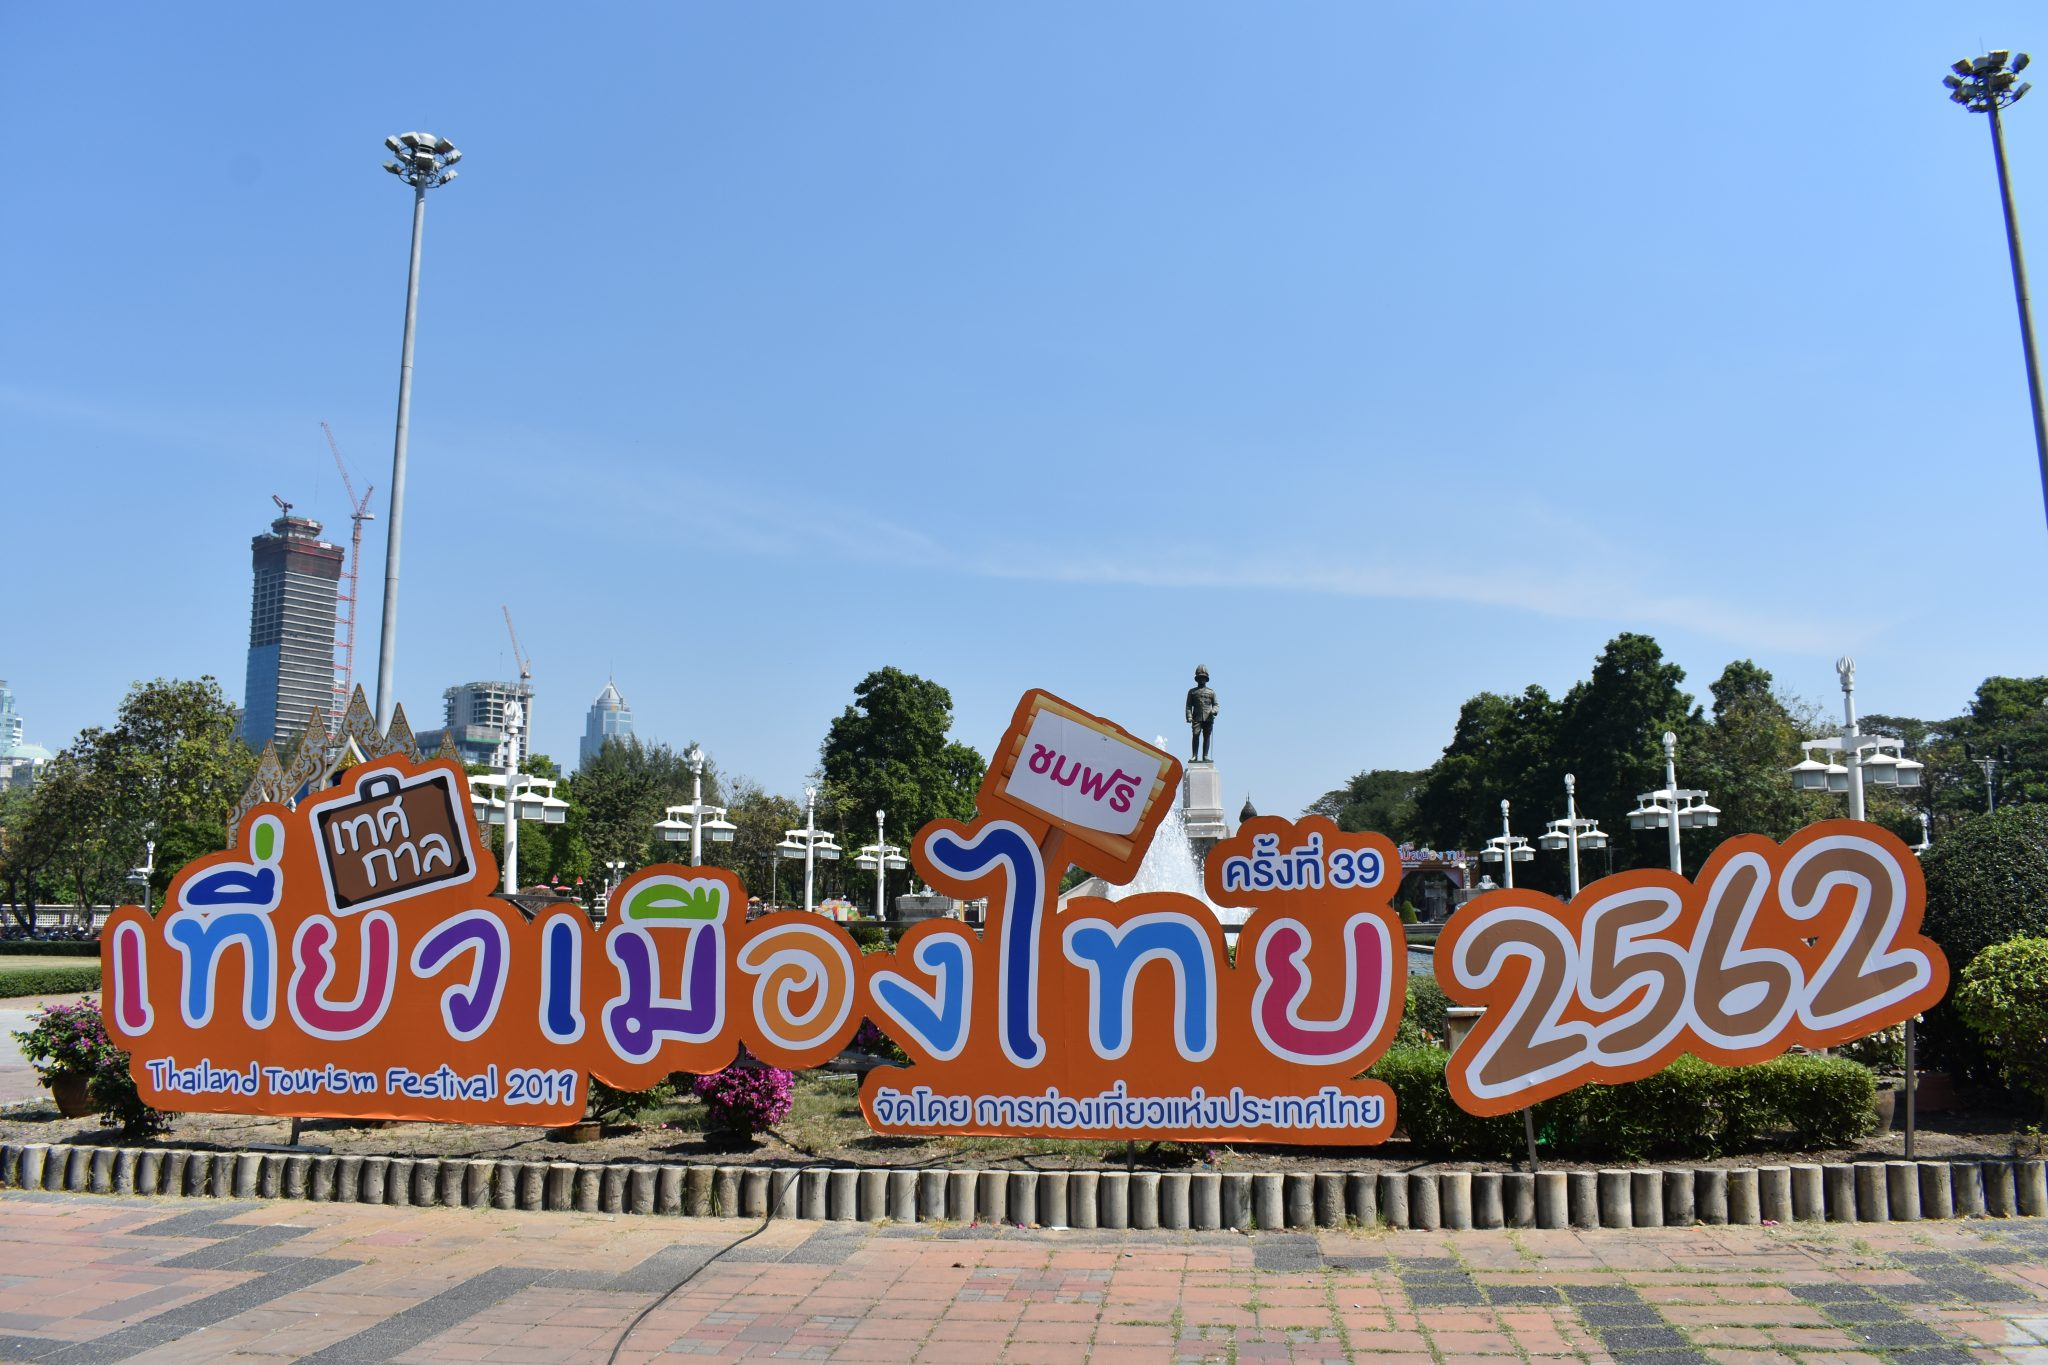 DSC 0931 - Thailand Tourism Festival 2019